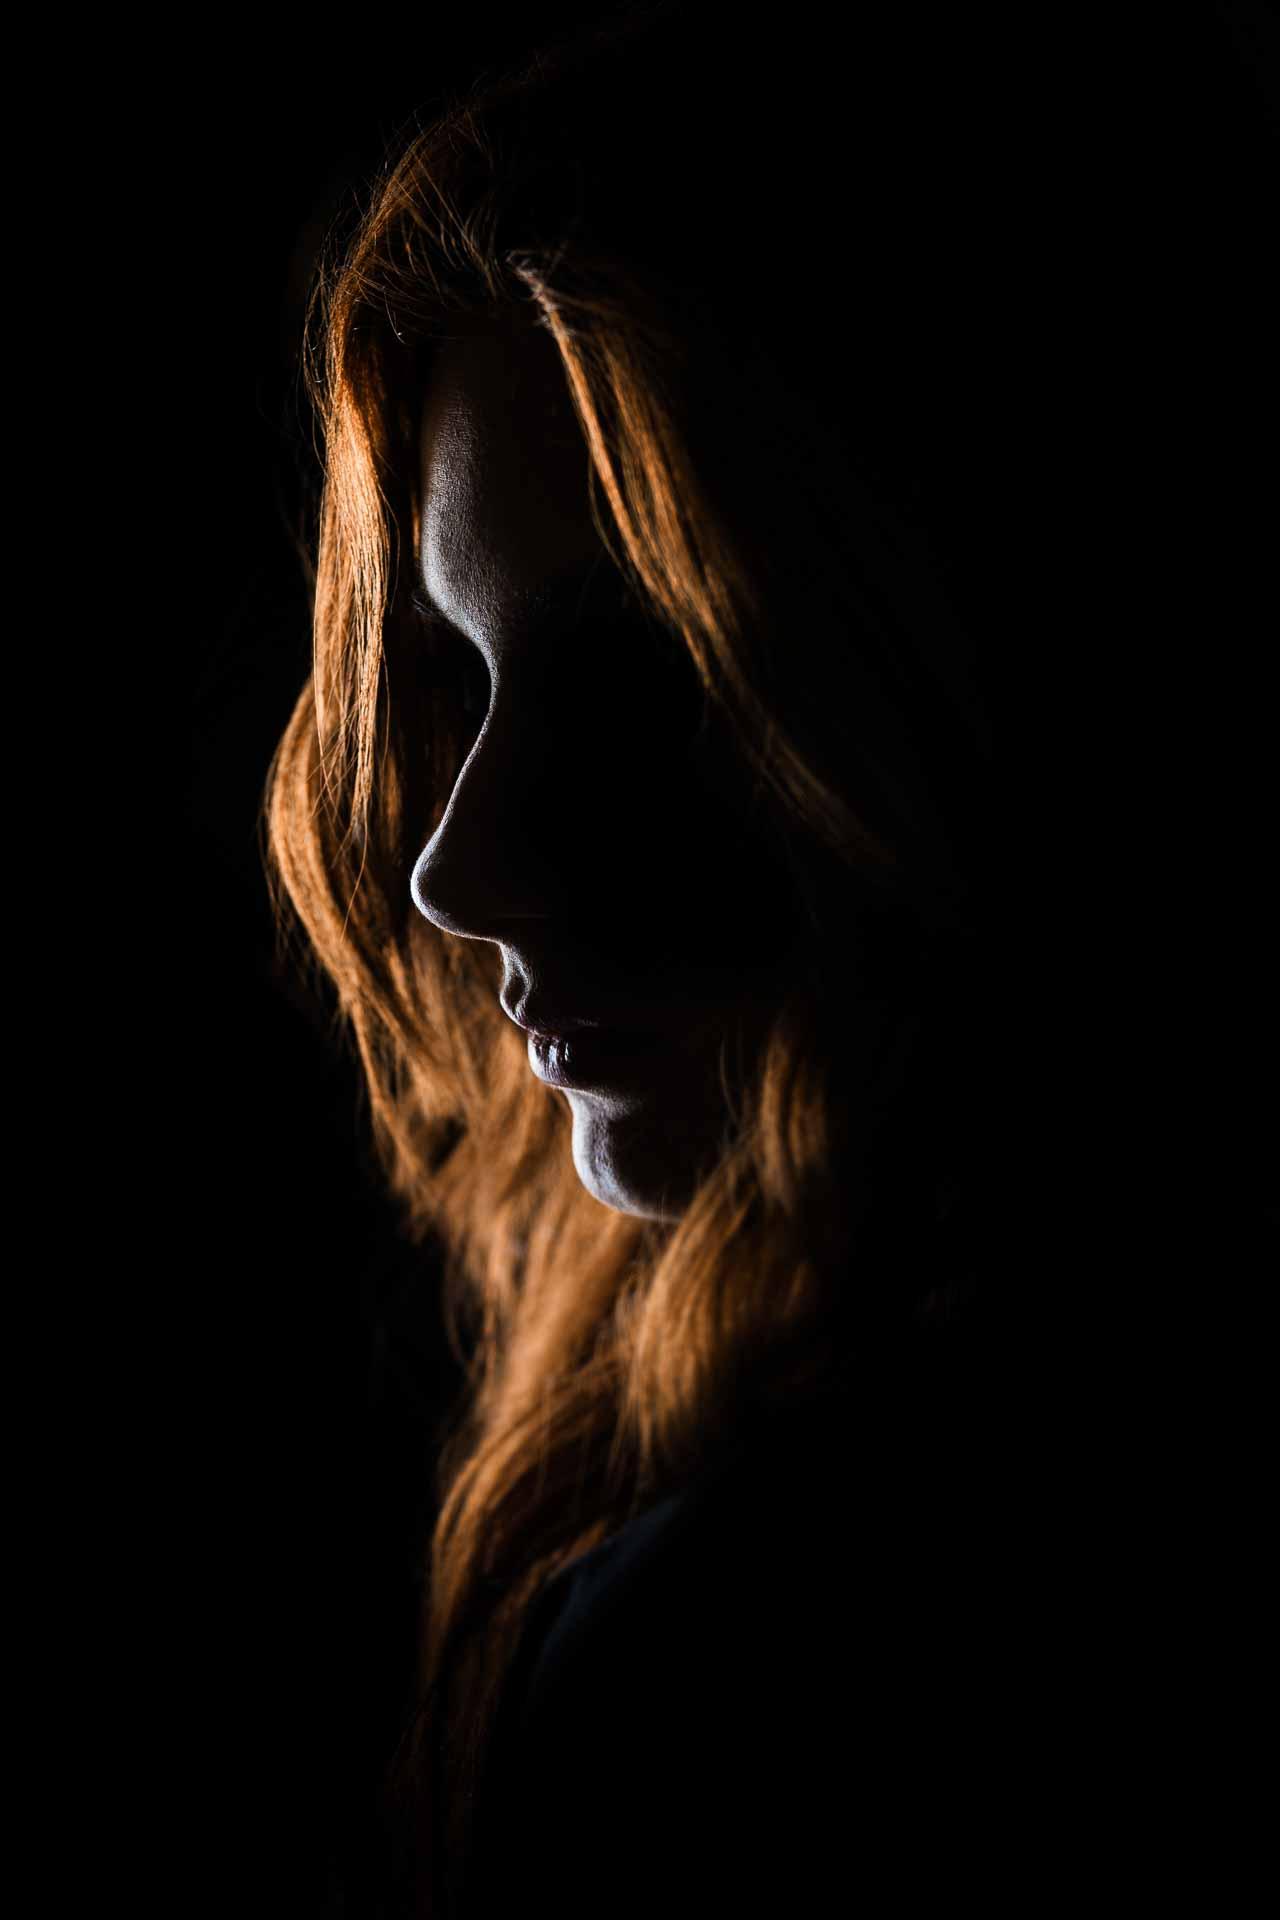 At være portrætfotograf og lave det perfekte portrætfoto